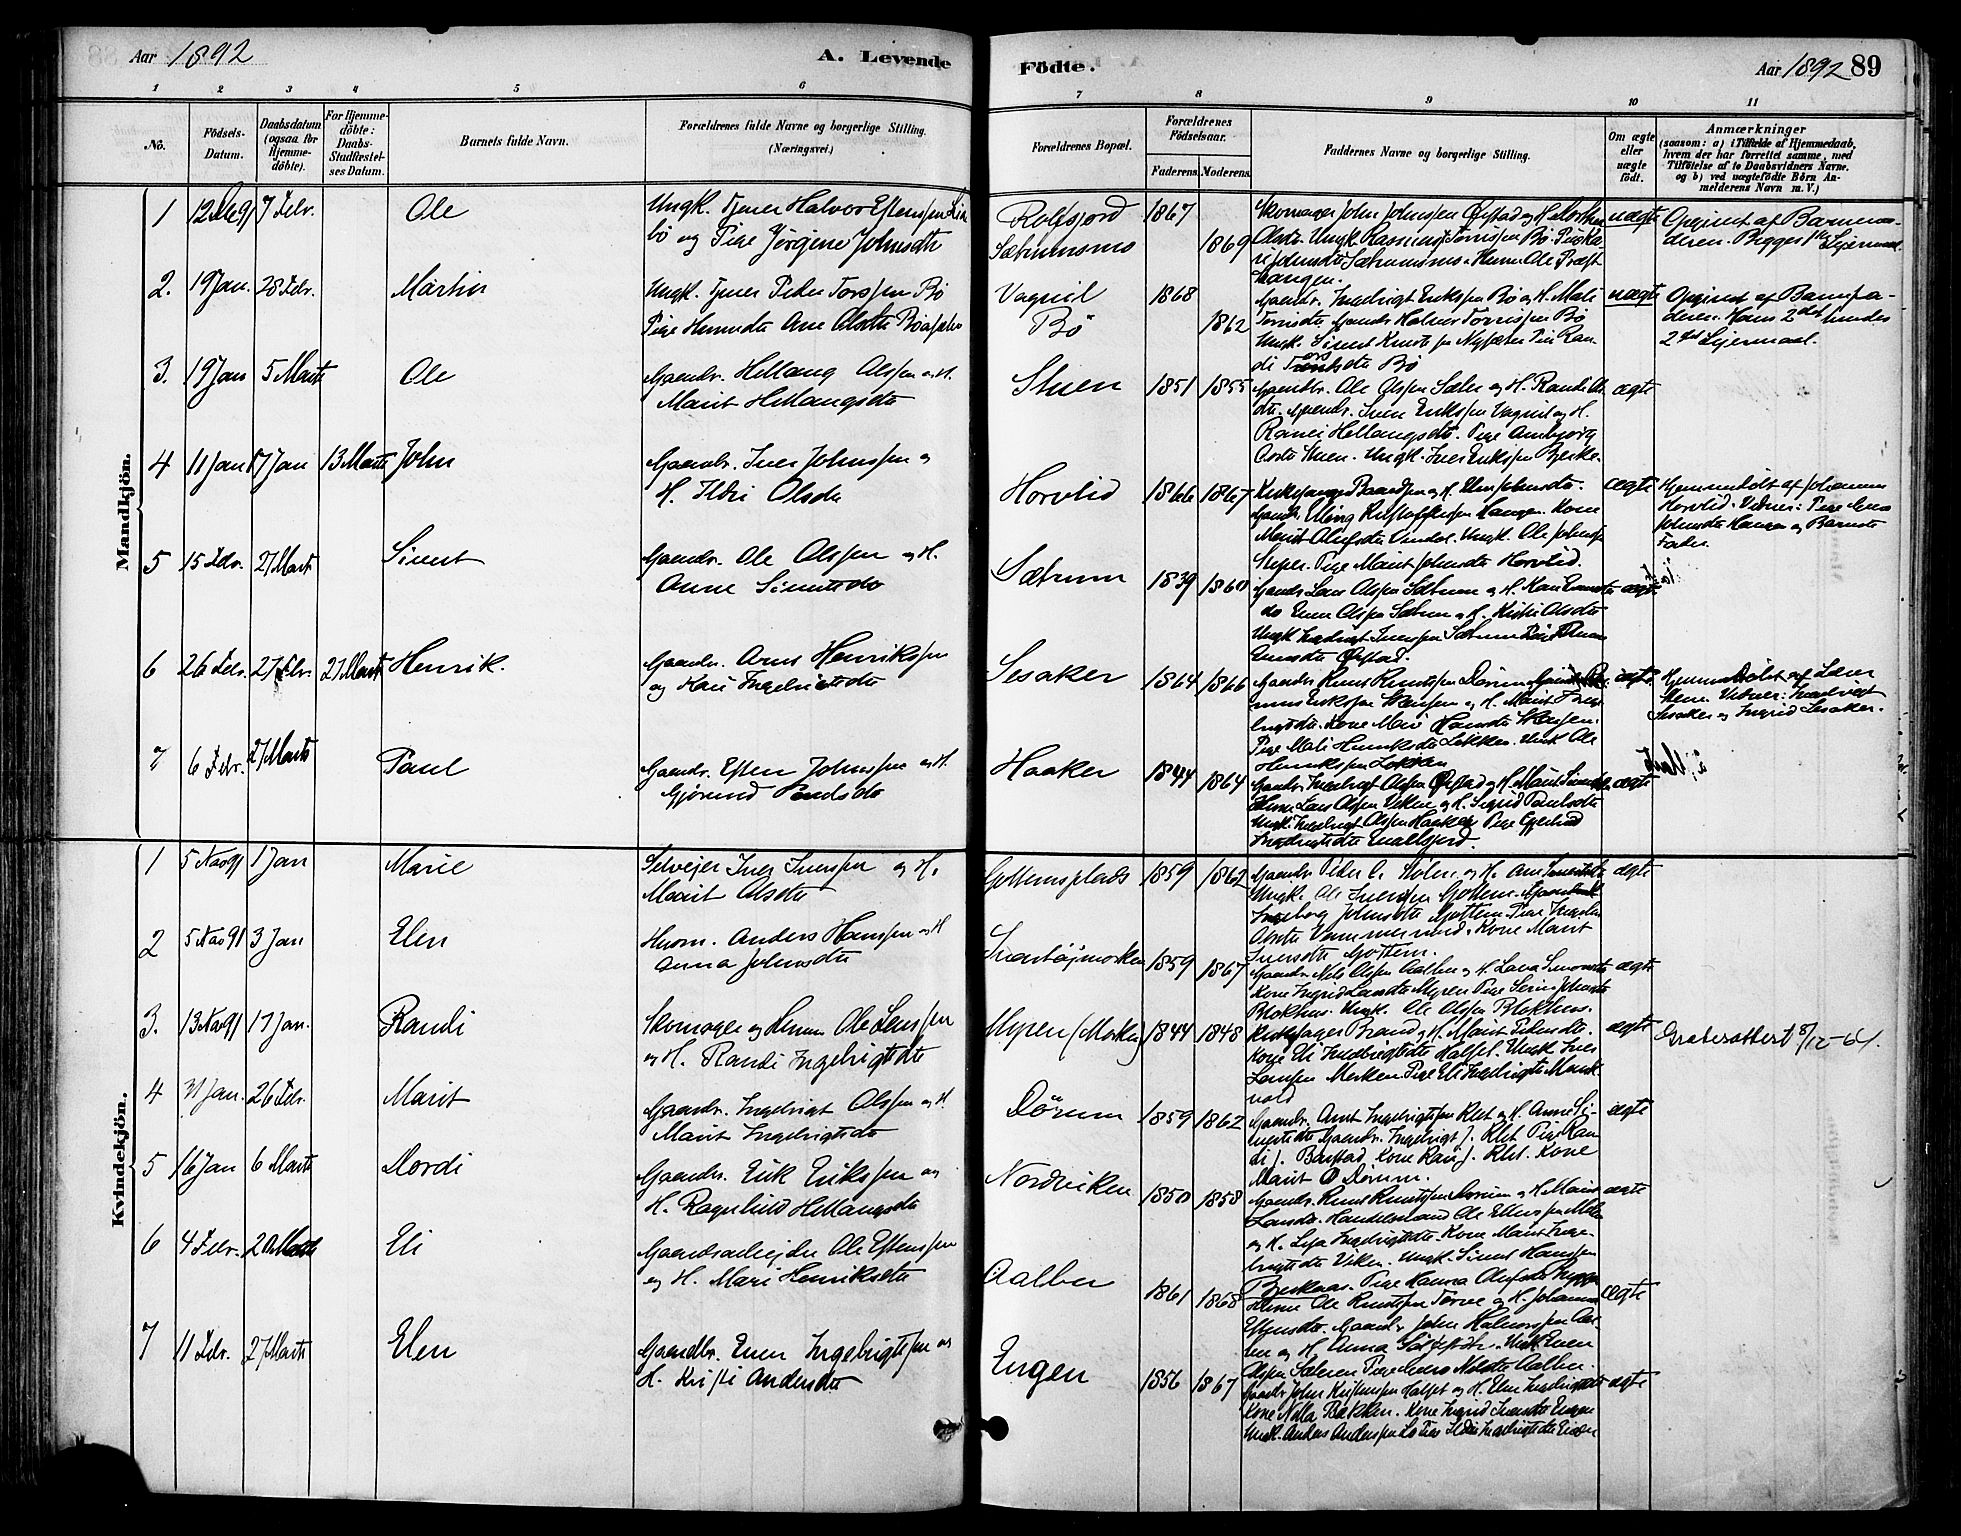 SAT, Ministerialprotokoller, klokkerbøker og fødselsregistre - Sør-Trøndelag, 678/L0901: Ministerialbok nr. 678A10, 1881-1894, s. 89